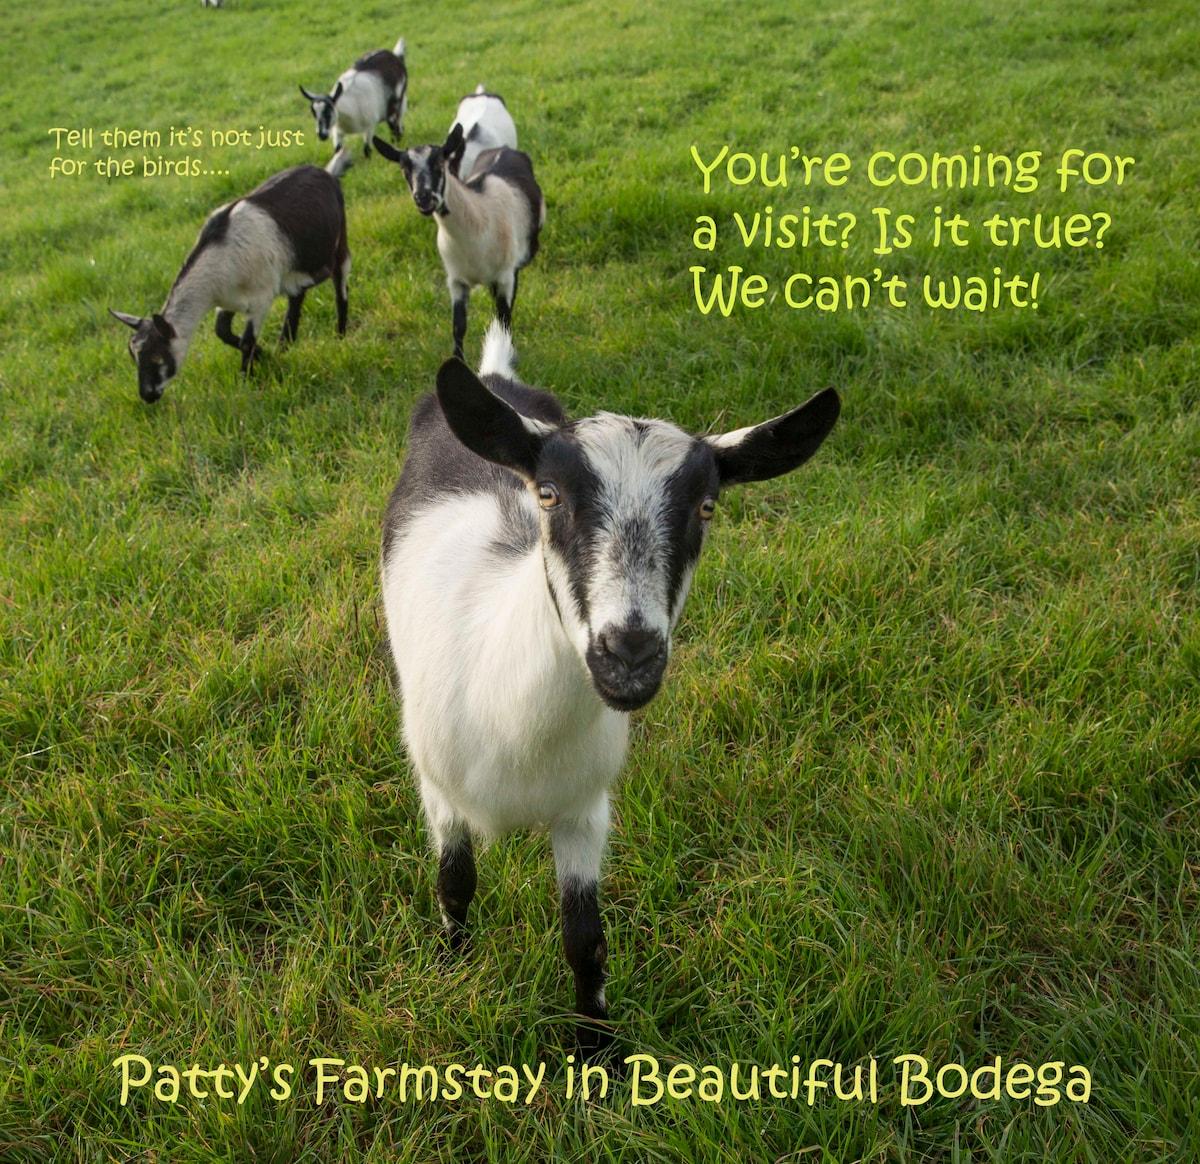 Patty's Farm Stay